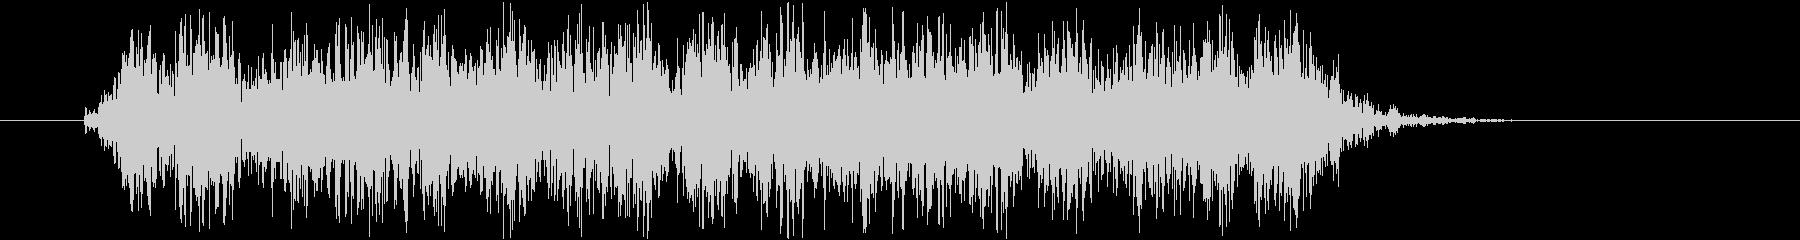 ヒュンヒュンヒュン(武器を回す、回転音)の未再生の波形